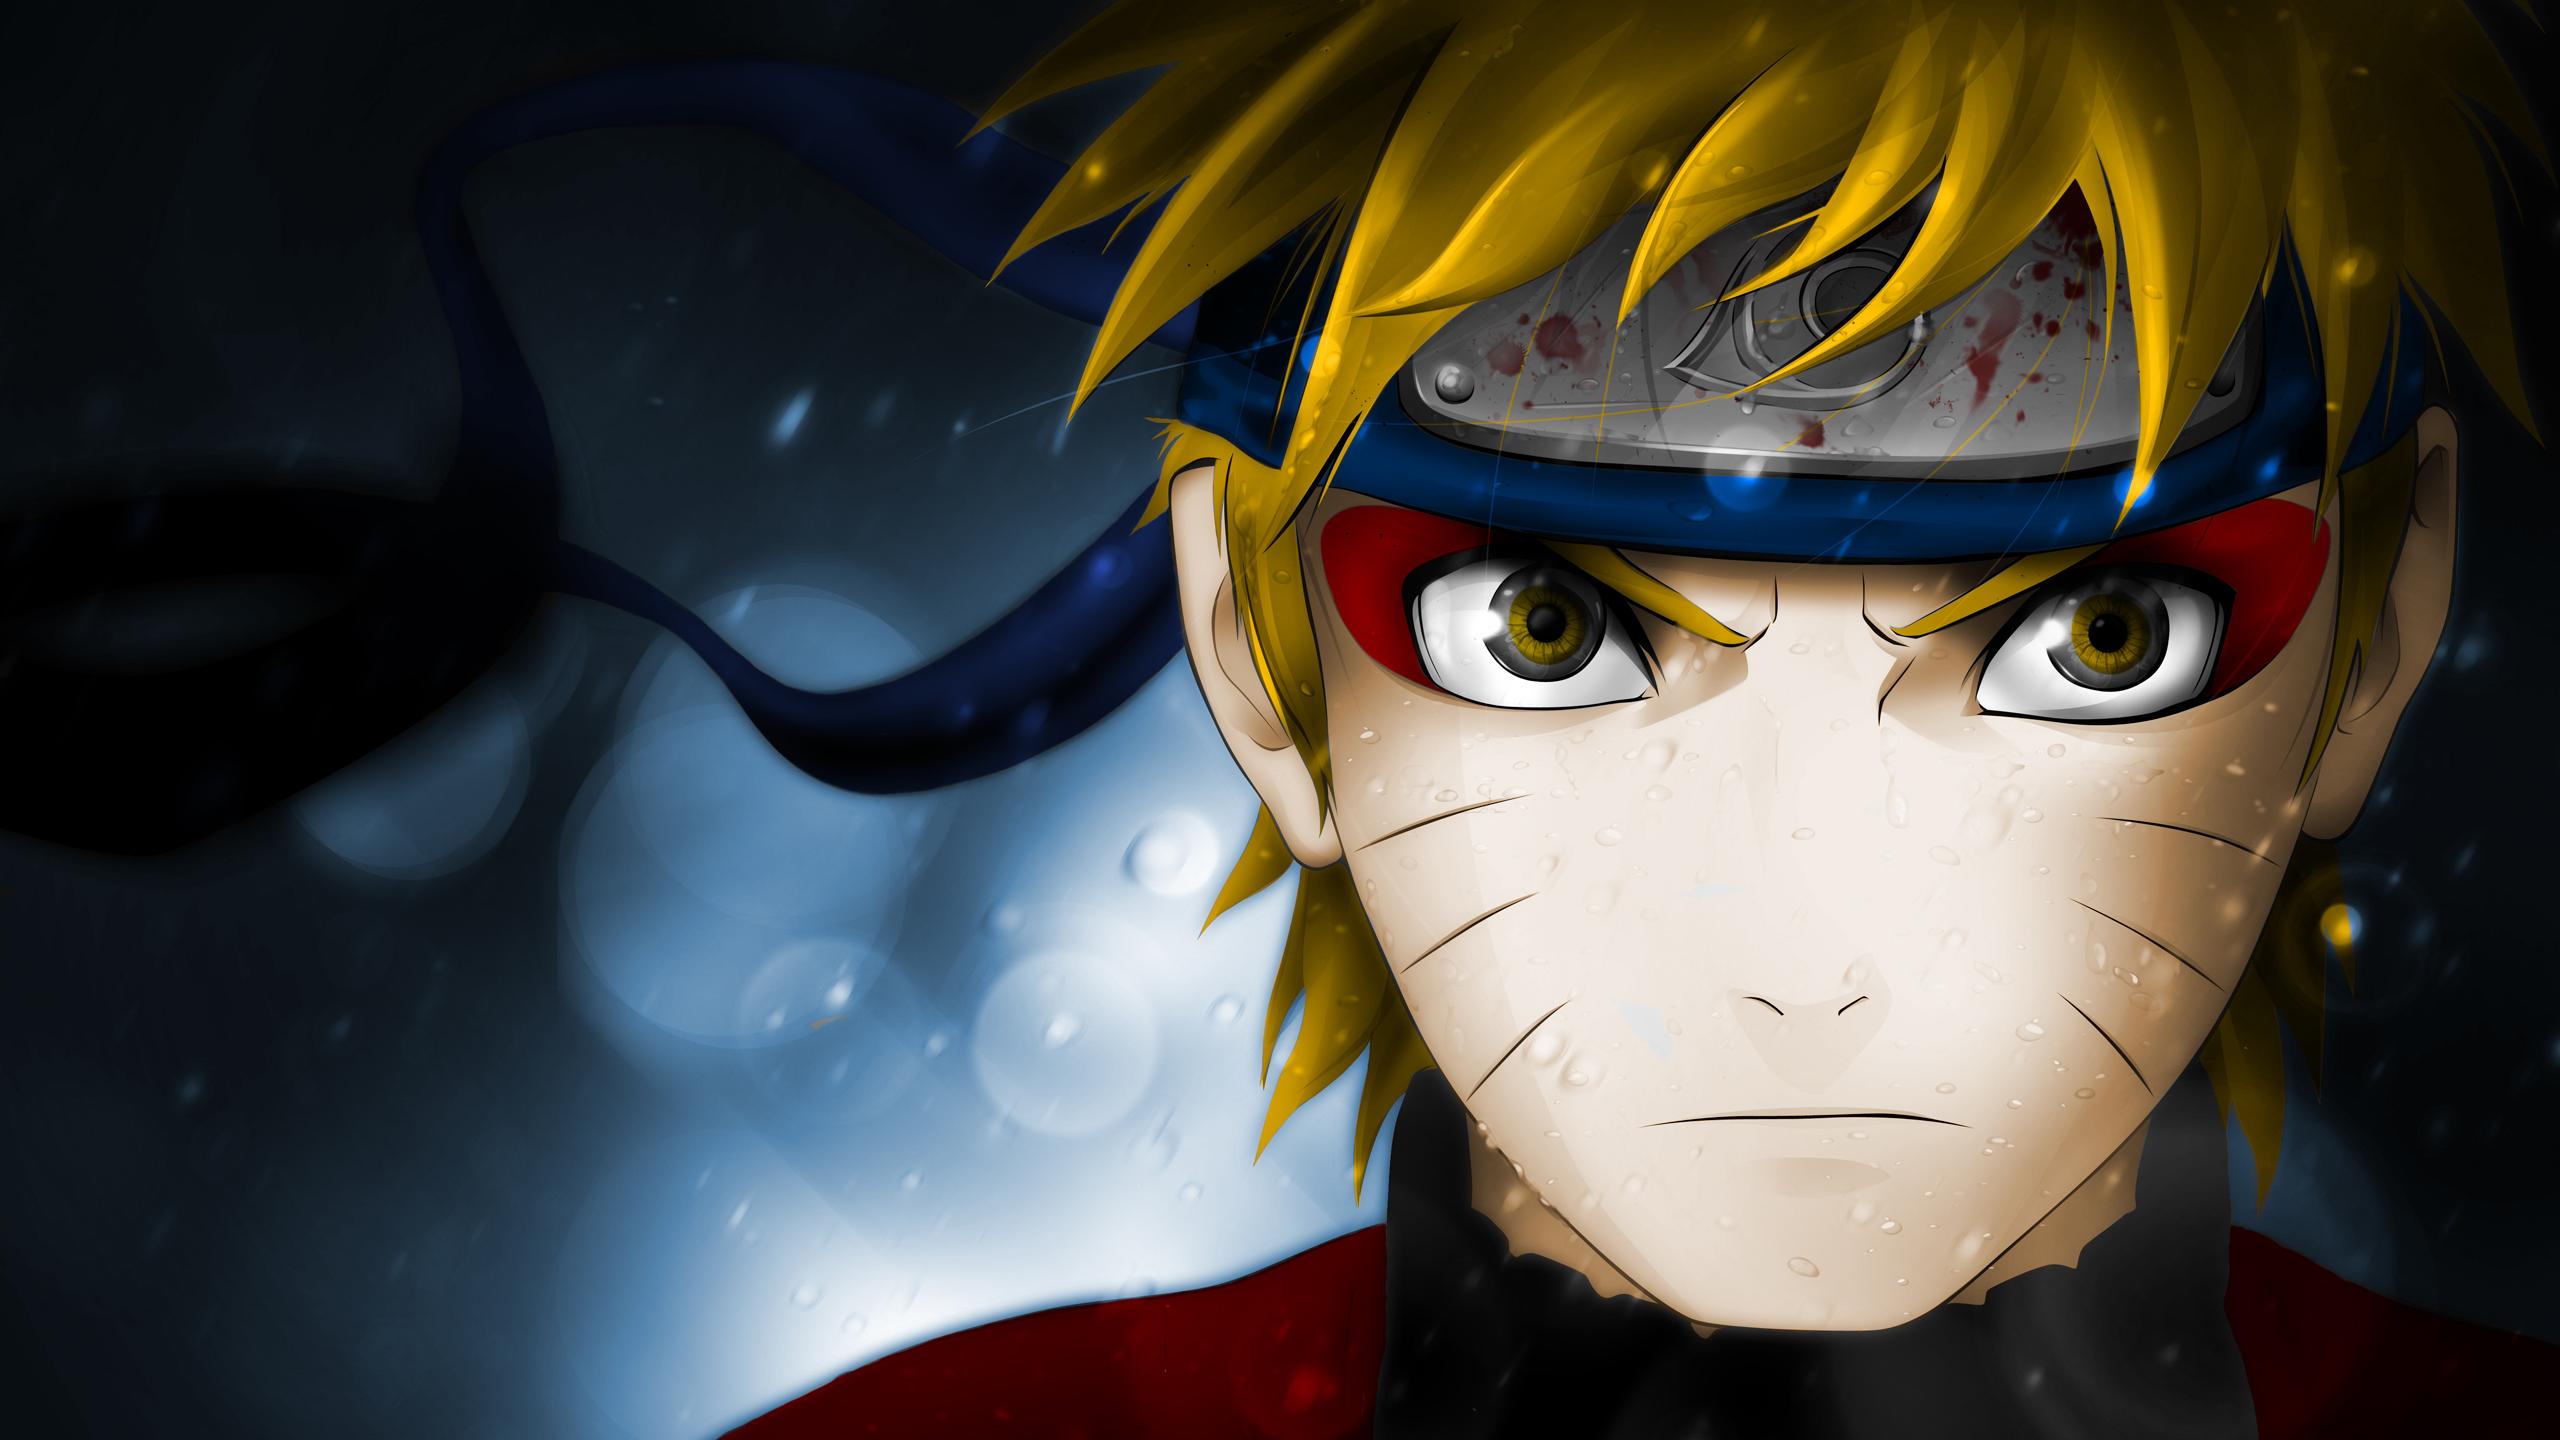 Naruto shippuden sage mode naruto uzumaki wallpaper ...  Naruto shippude...